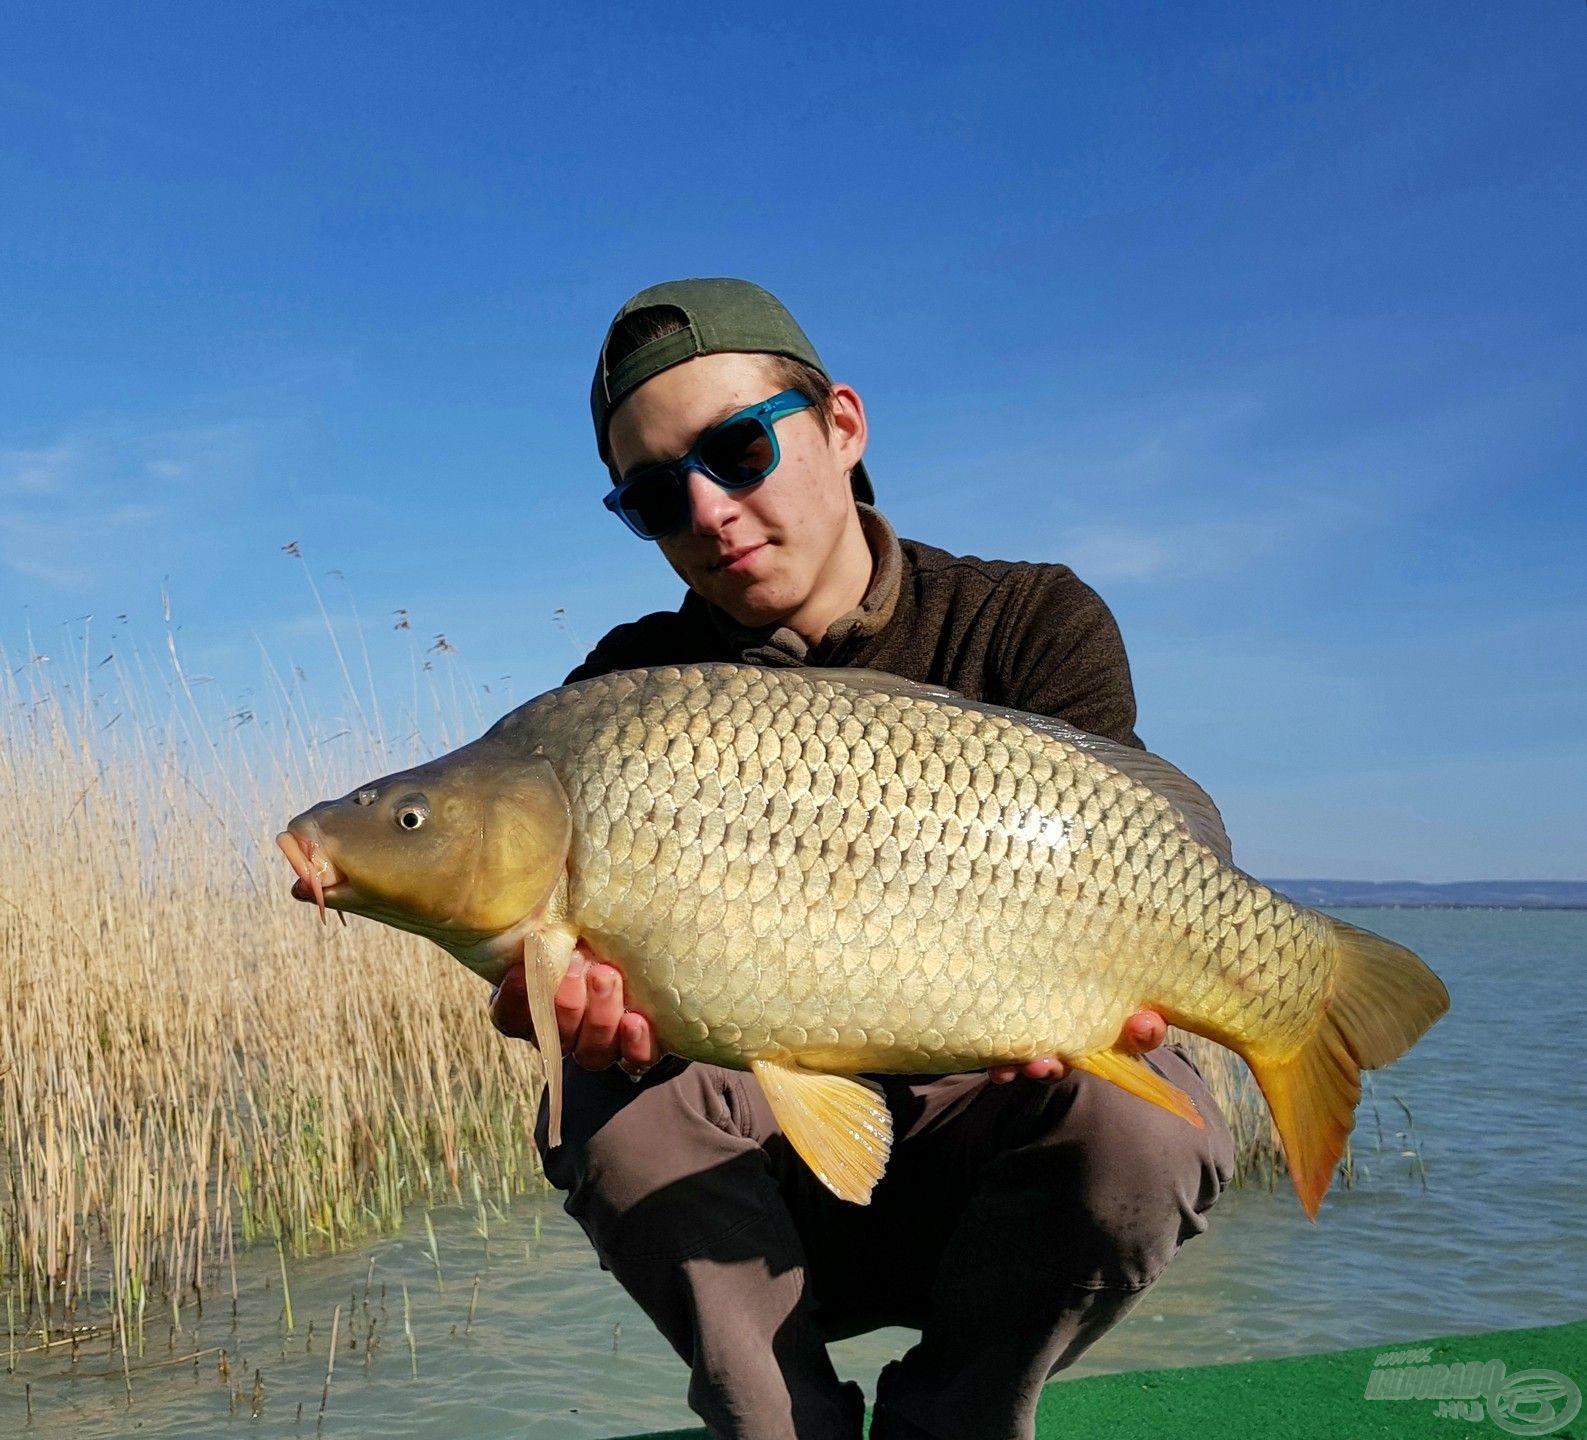 A dupla kapás első hala ez az 5 kiló körüli töves volt